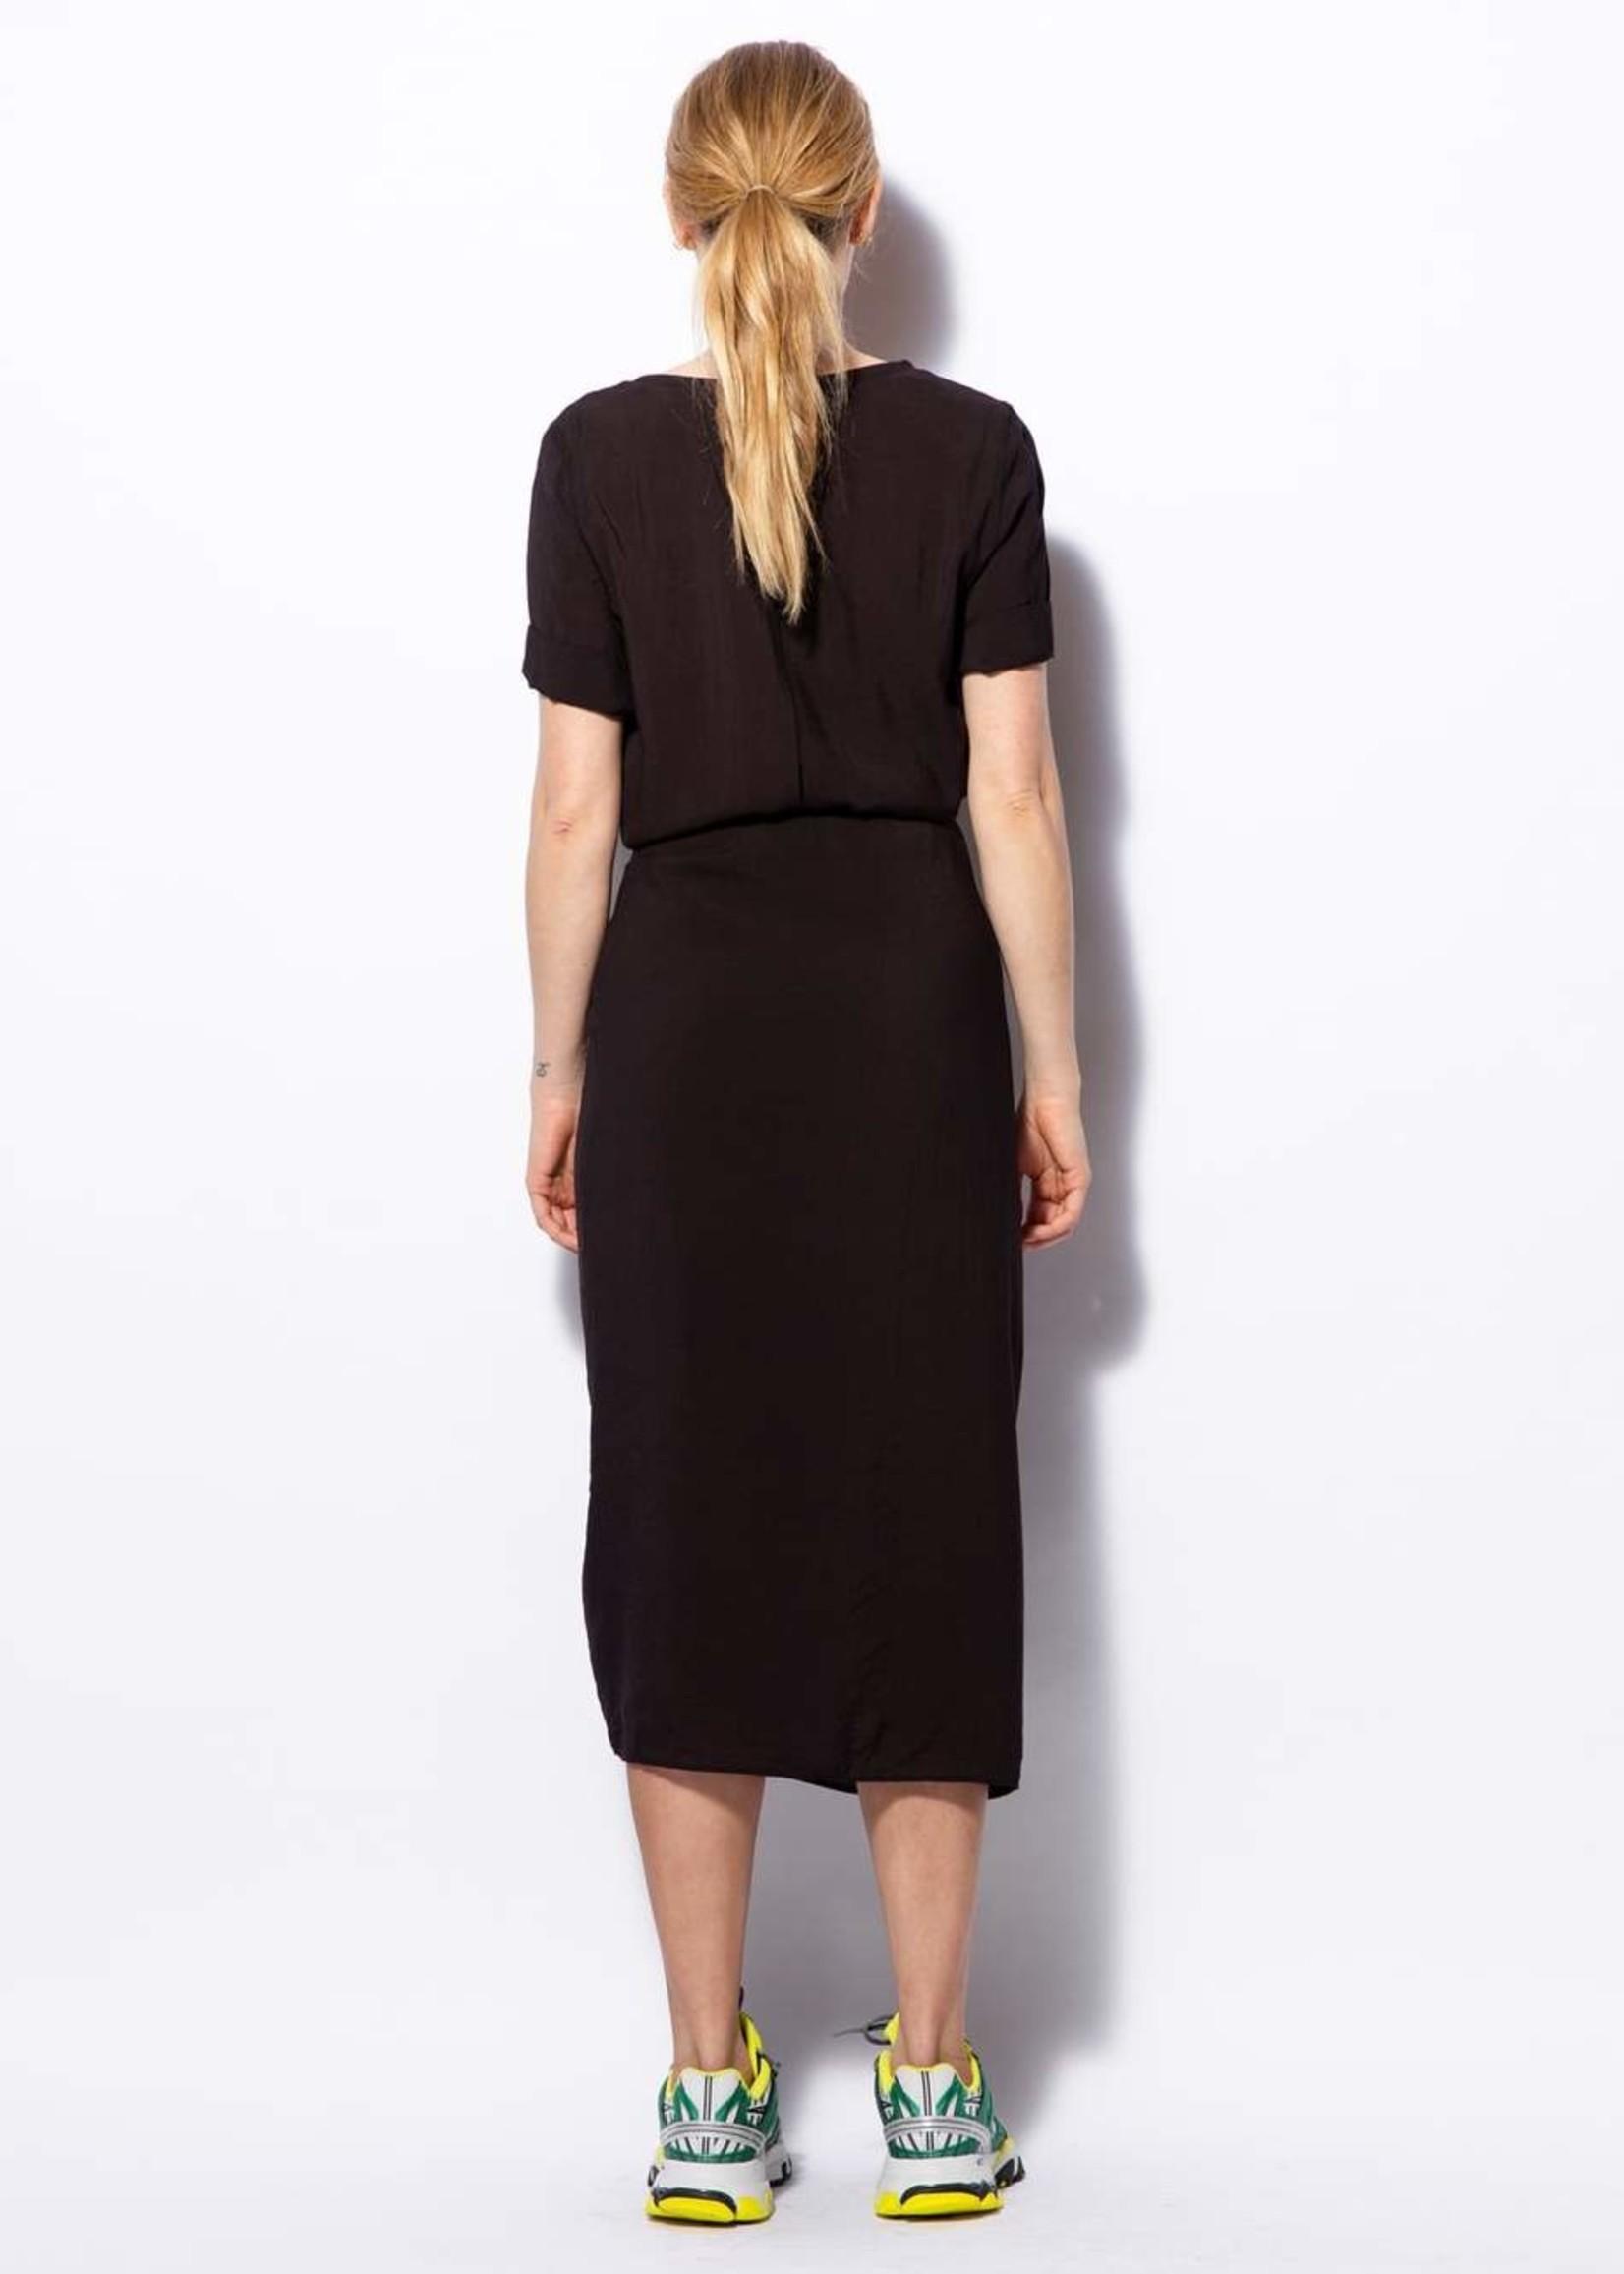 Ahlvar gallery Ahlvar gallery talima  dress, washed black